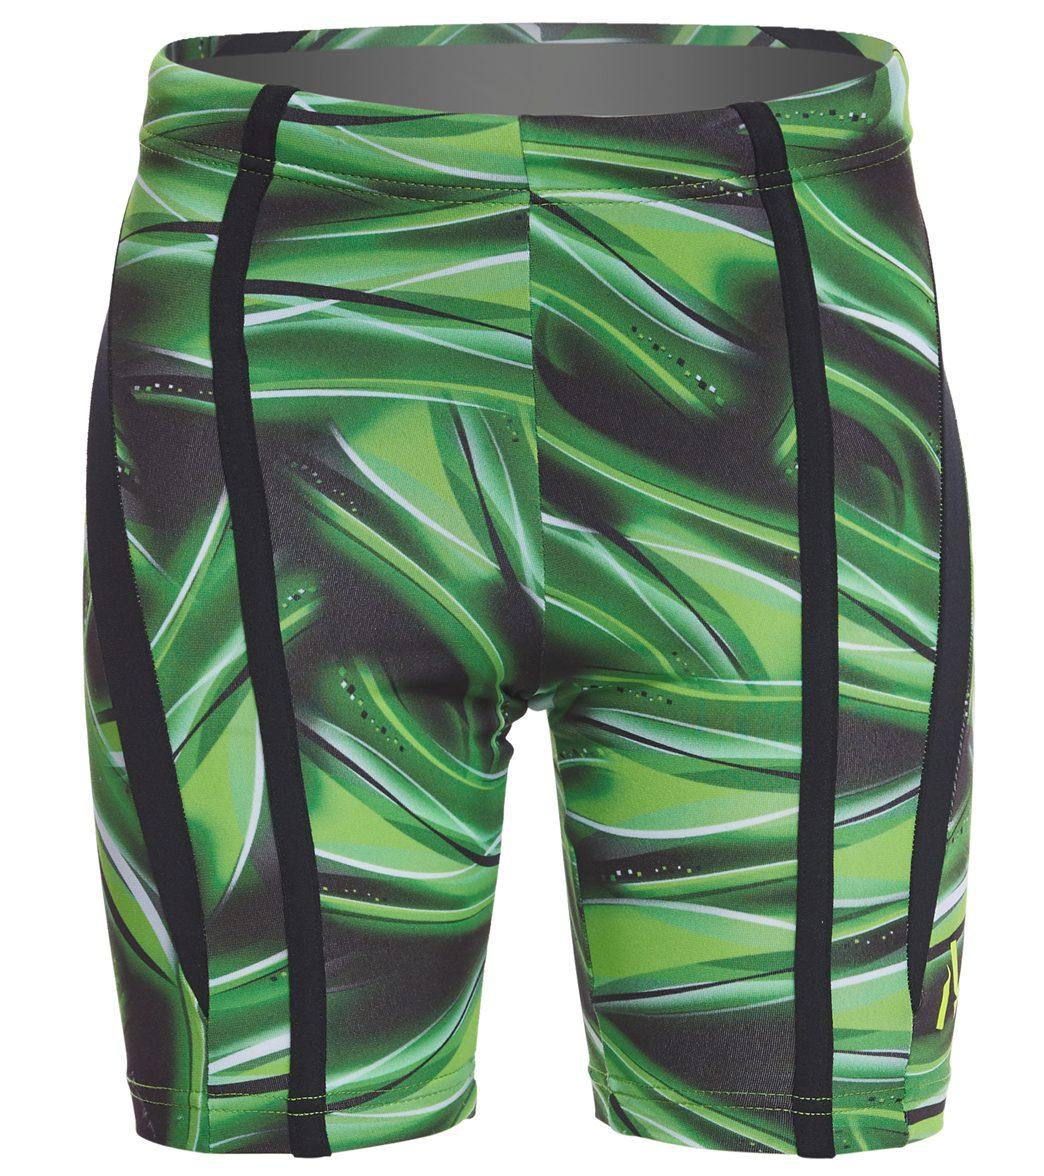 c5069b0ce2 MP Michael Phelps Boys' Diablo Jammer Swimsuit at SwimOutlet.com ...